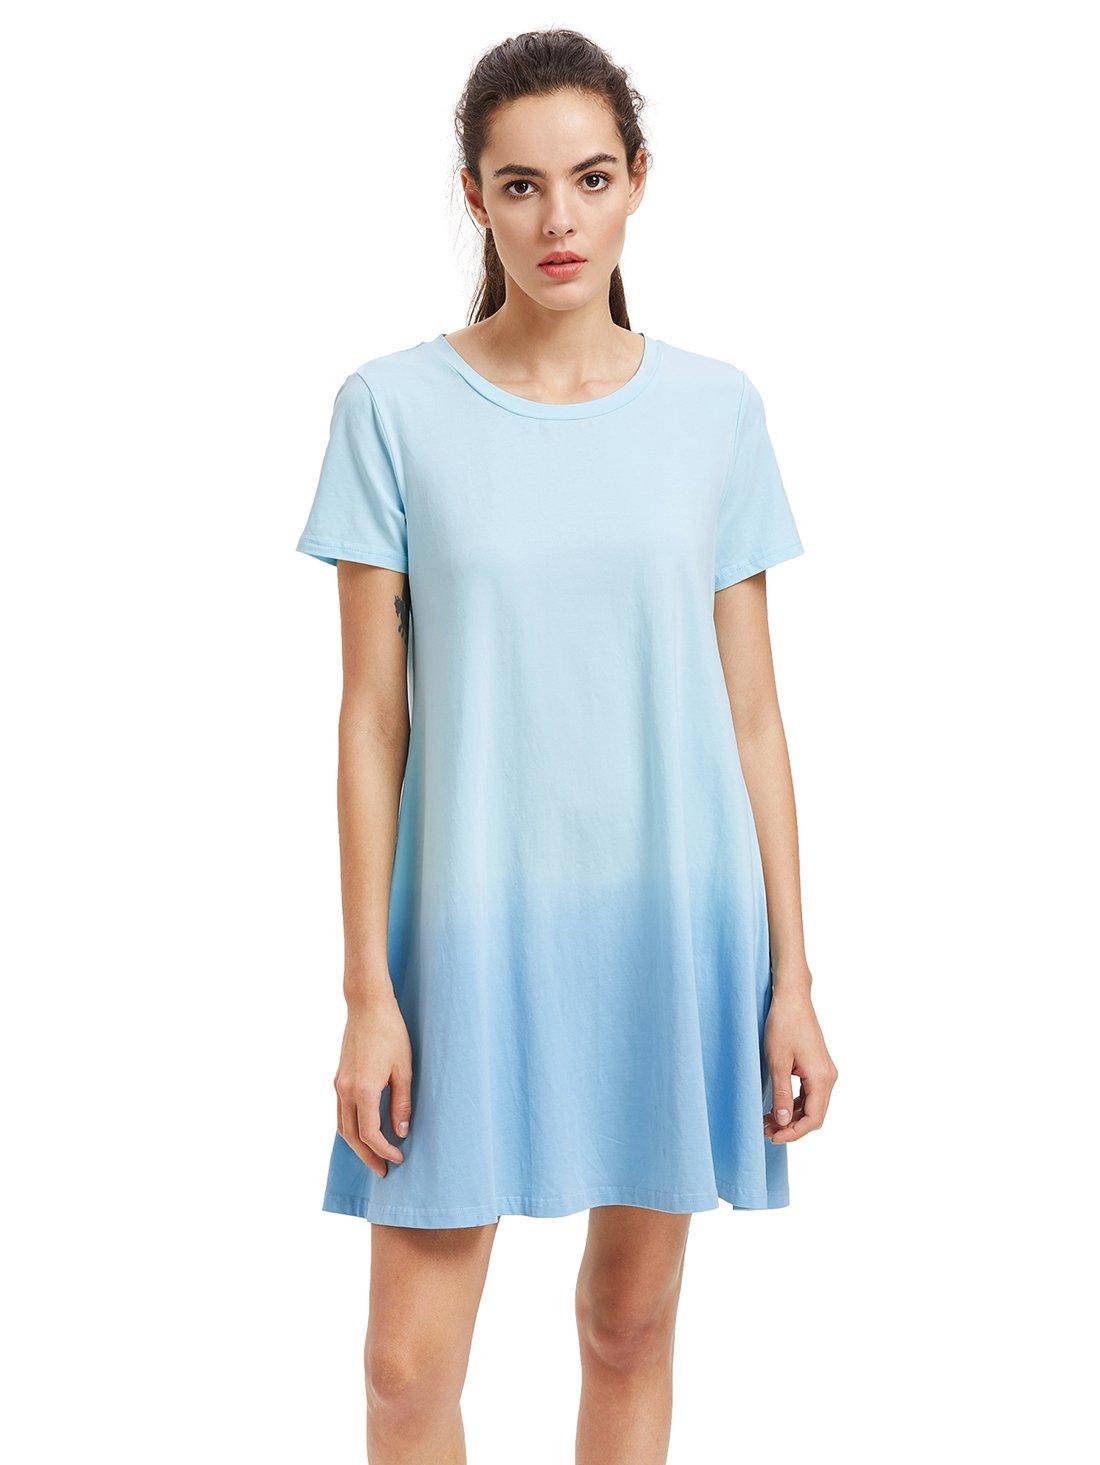 Romwe Women's Tunic Swing T-Shirt Dress Short Sleeve Tie Dye Ombre Dress Blue M